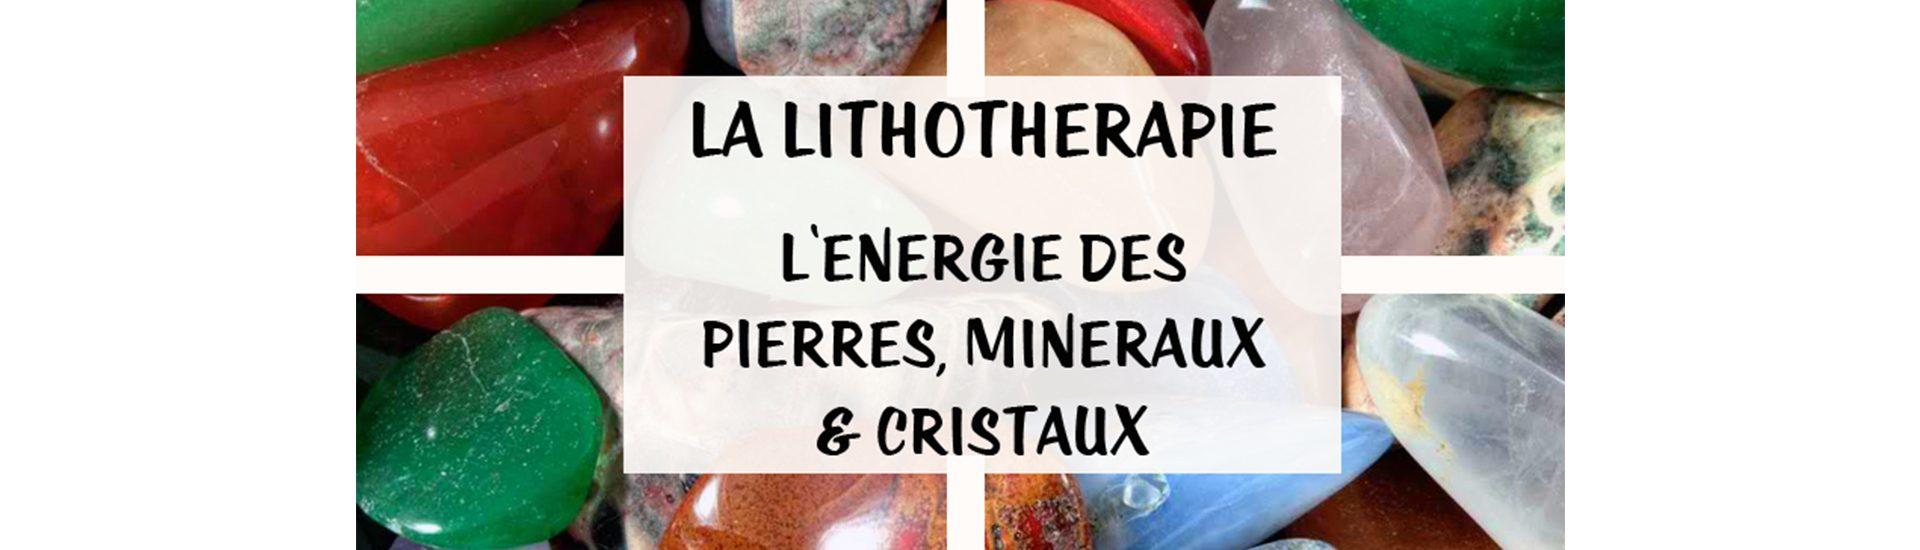 Lithotherapie l'énergie des pierres